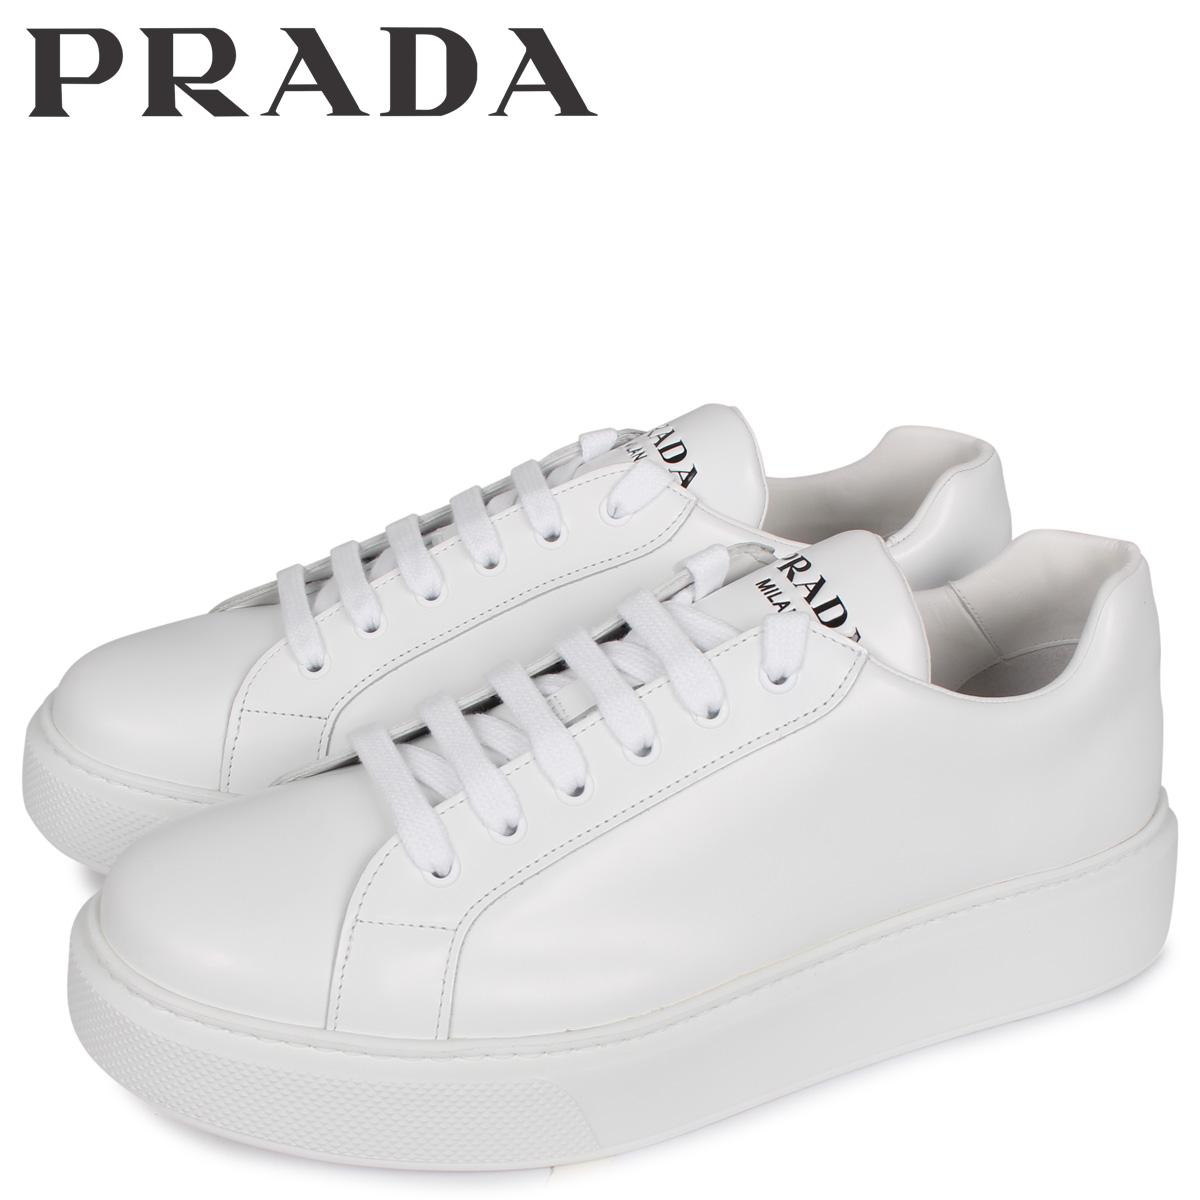 PRADA プラダ スニーカー メンズ NEW SNEAKER FONDO CASSETTA ホワイト 白 4E3489 [3/3 新入荷]